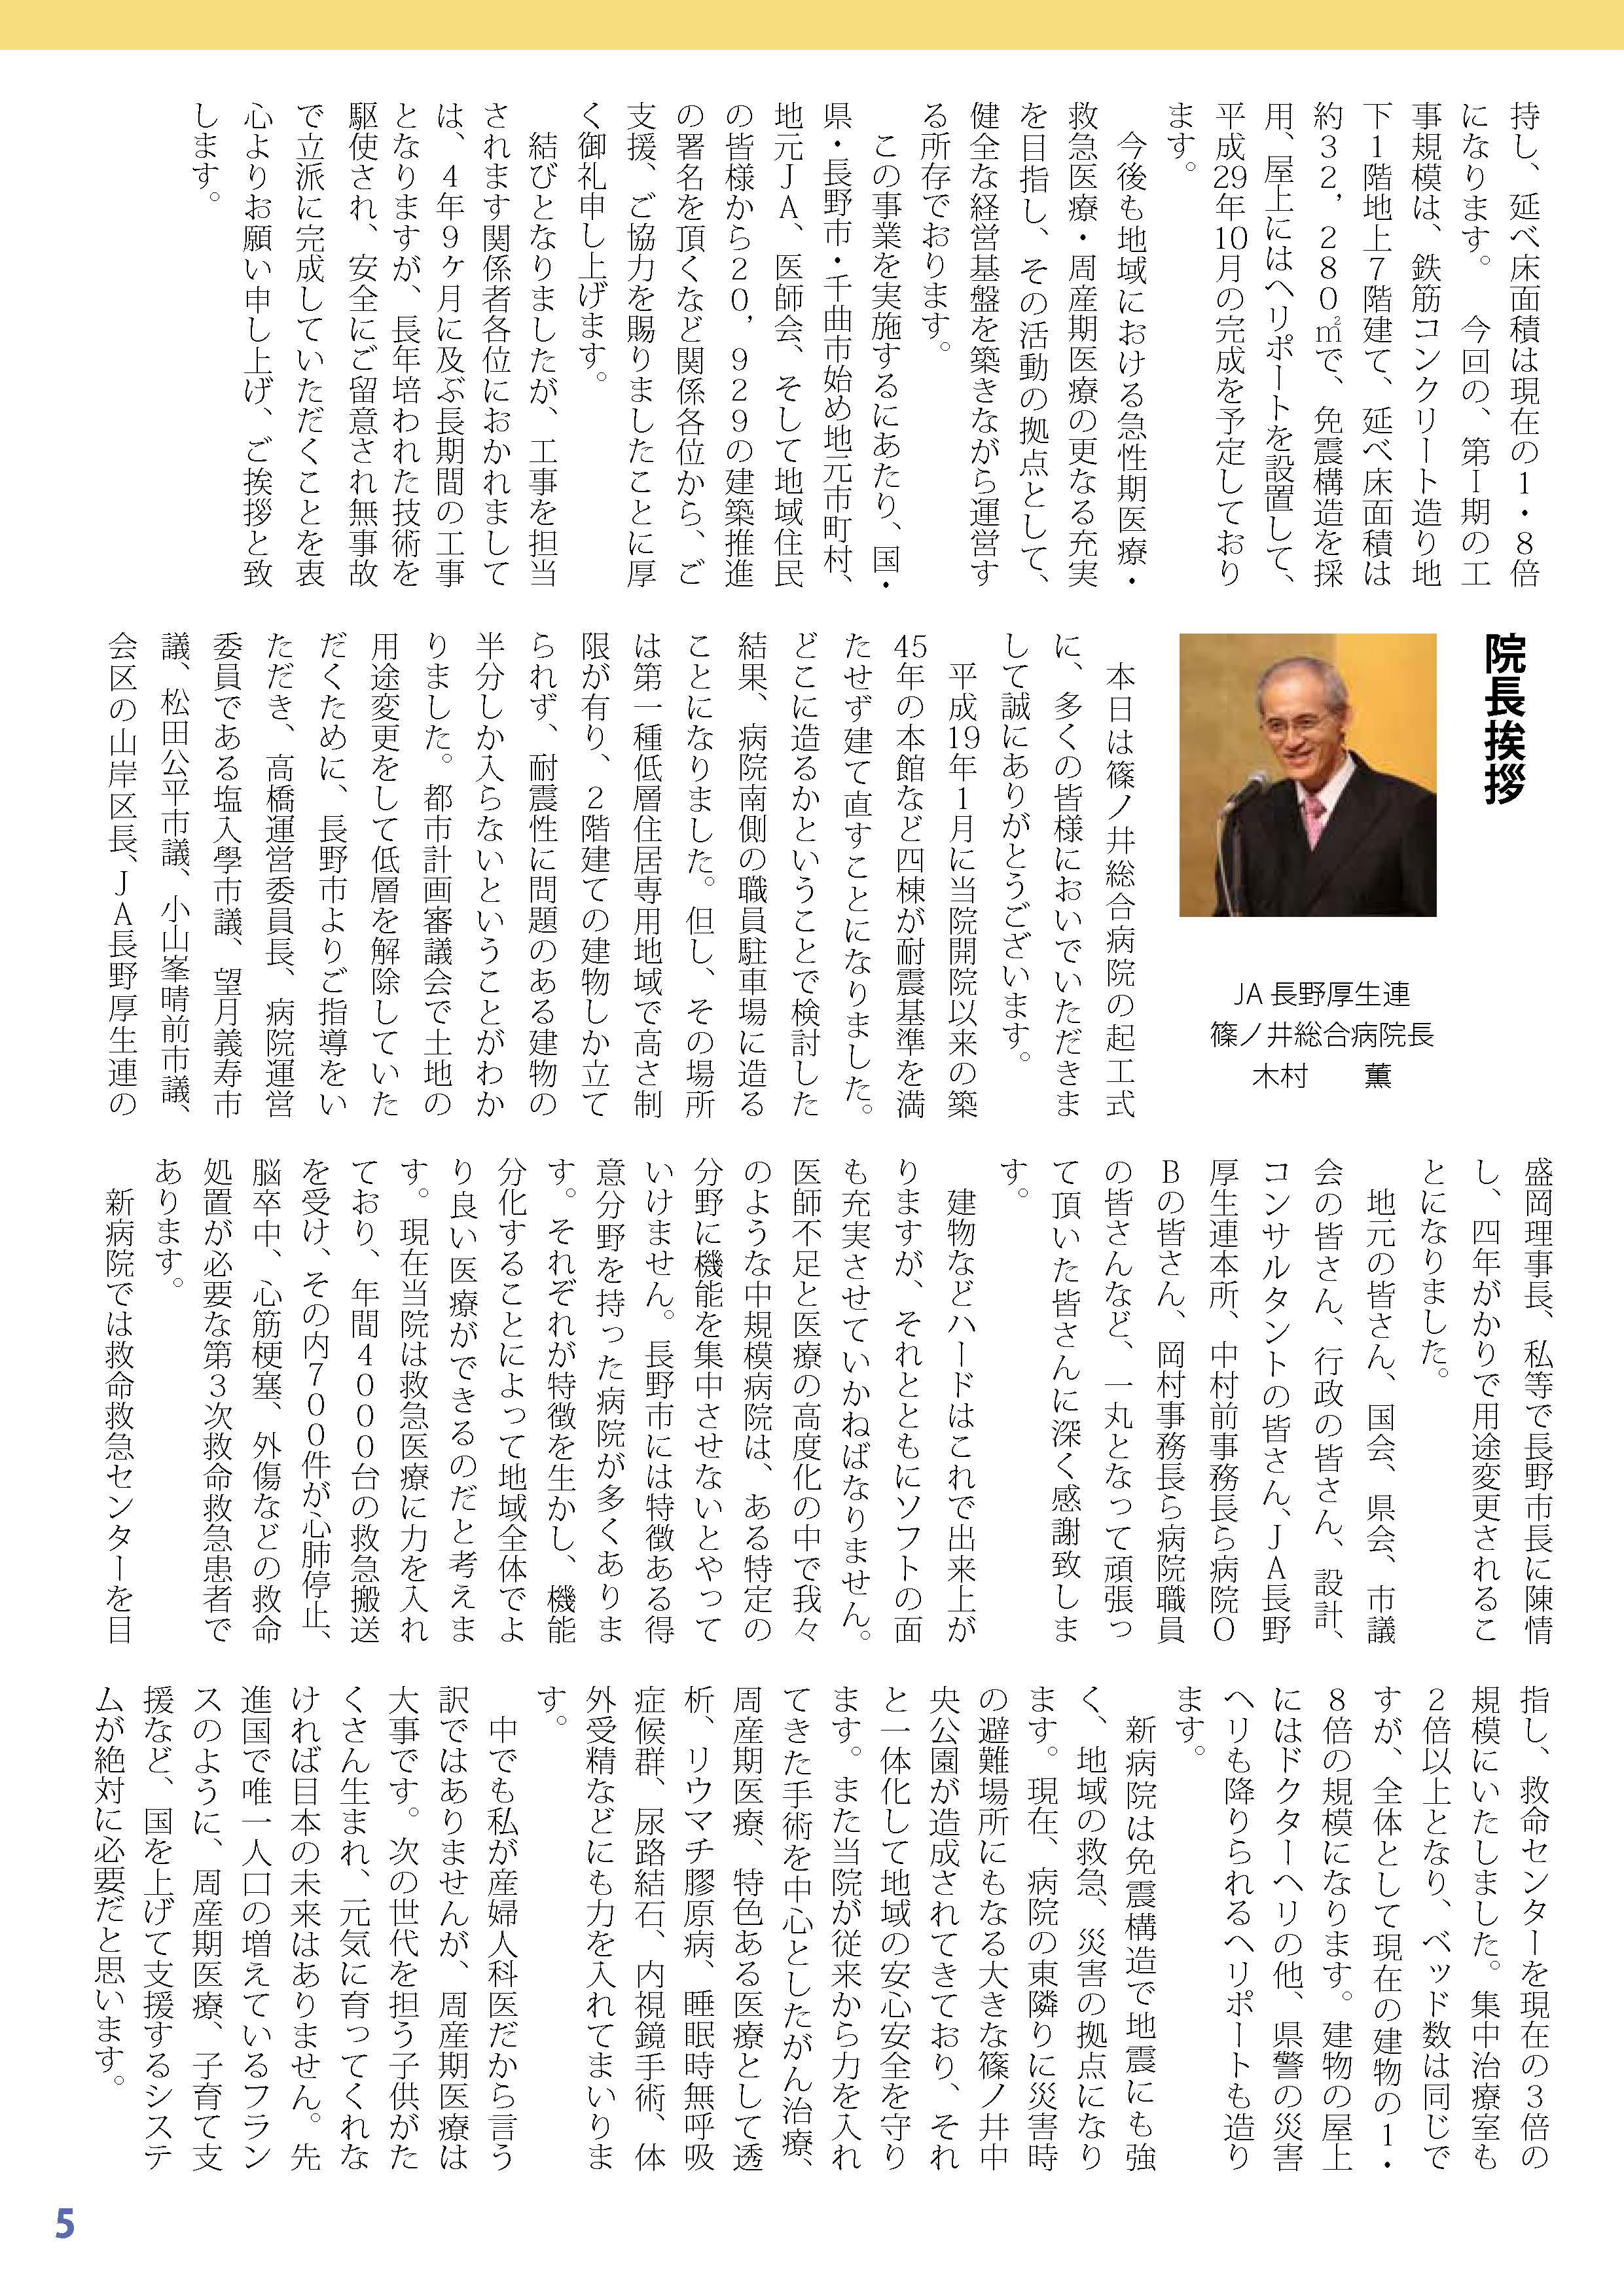 再構築のあゆみ4_ページ_4